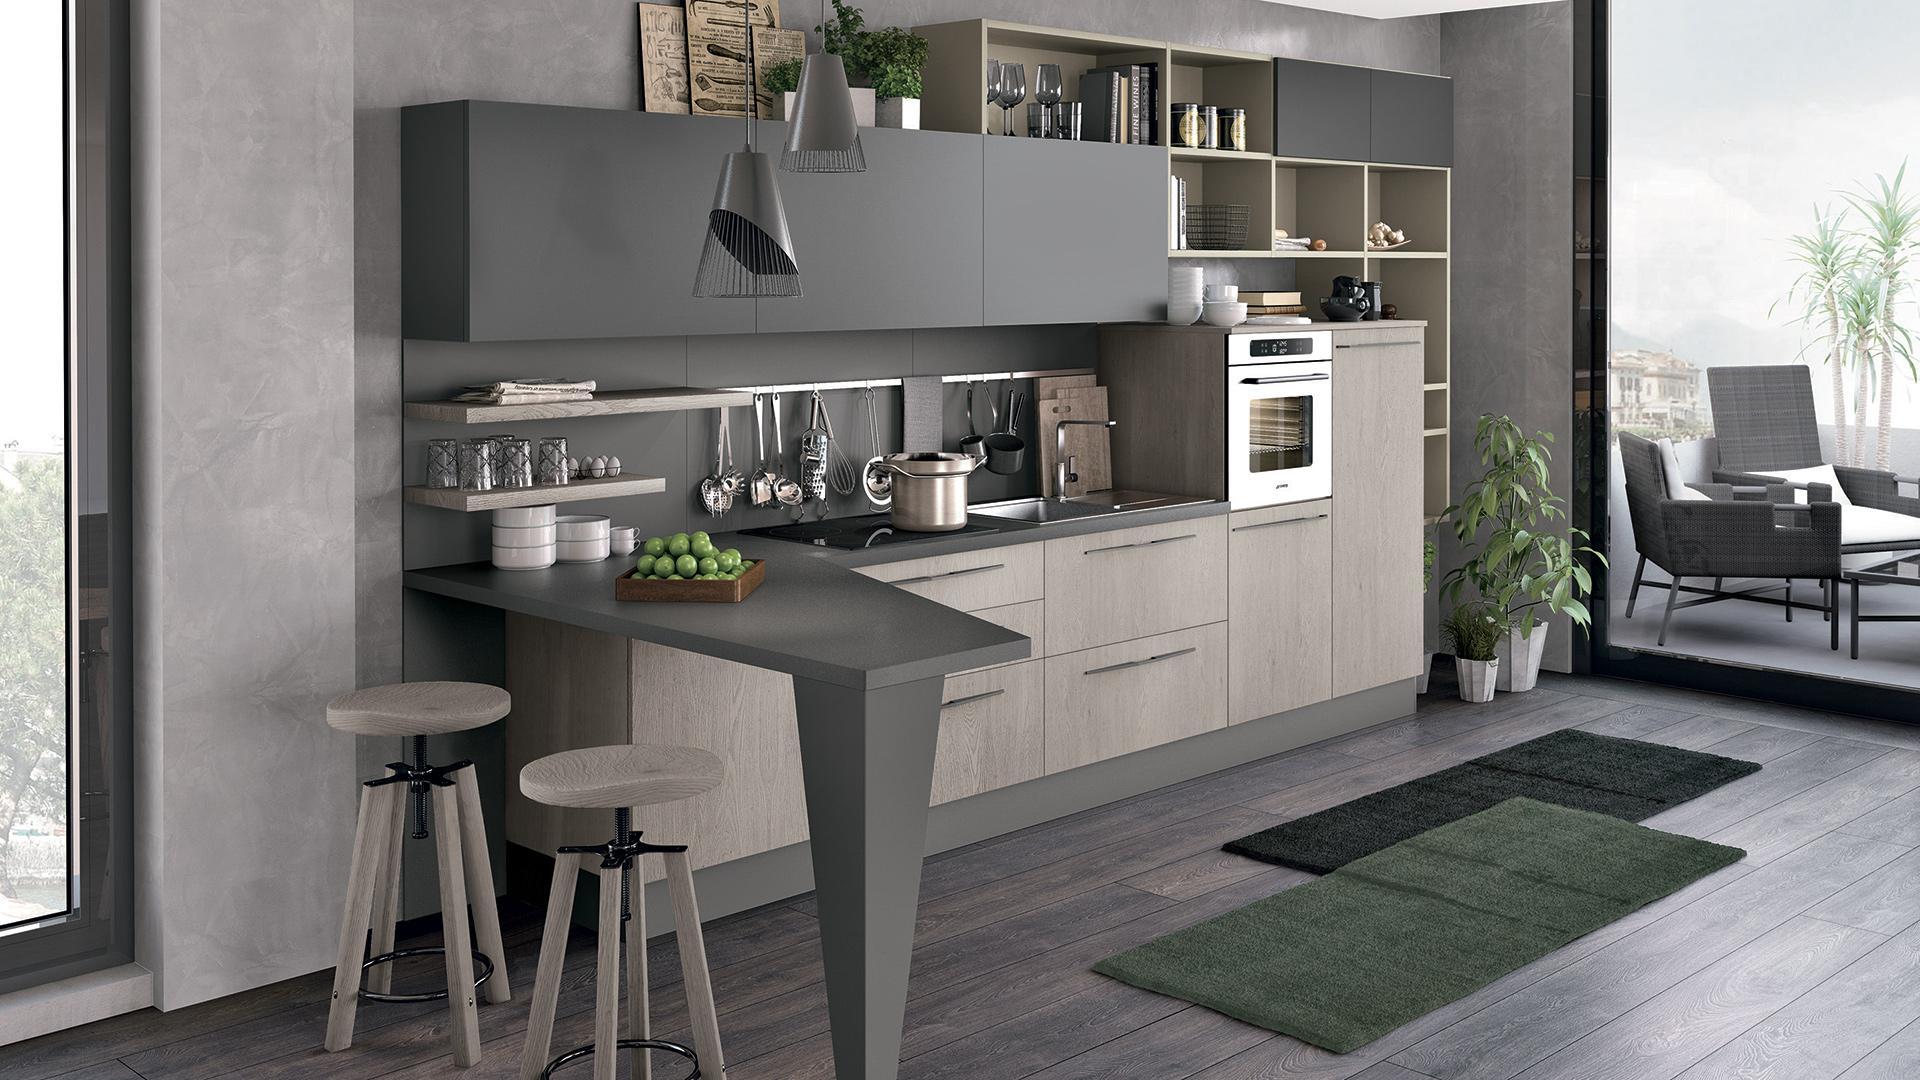 Cucine Lube ad angolo, i suggerimenti per arredare - Lube Store ...